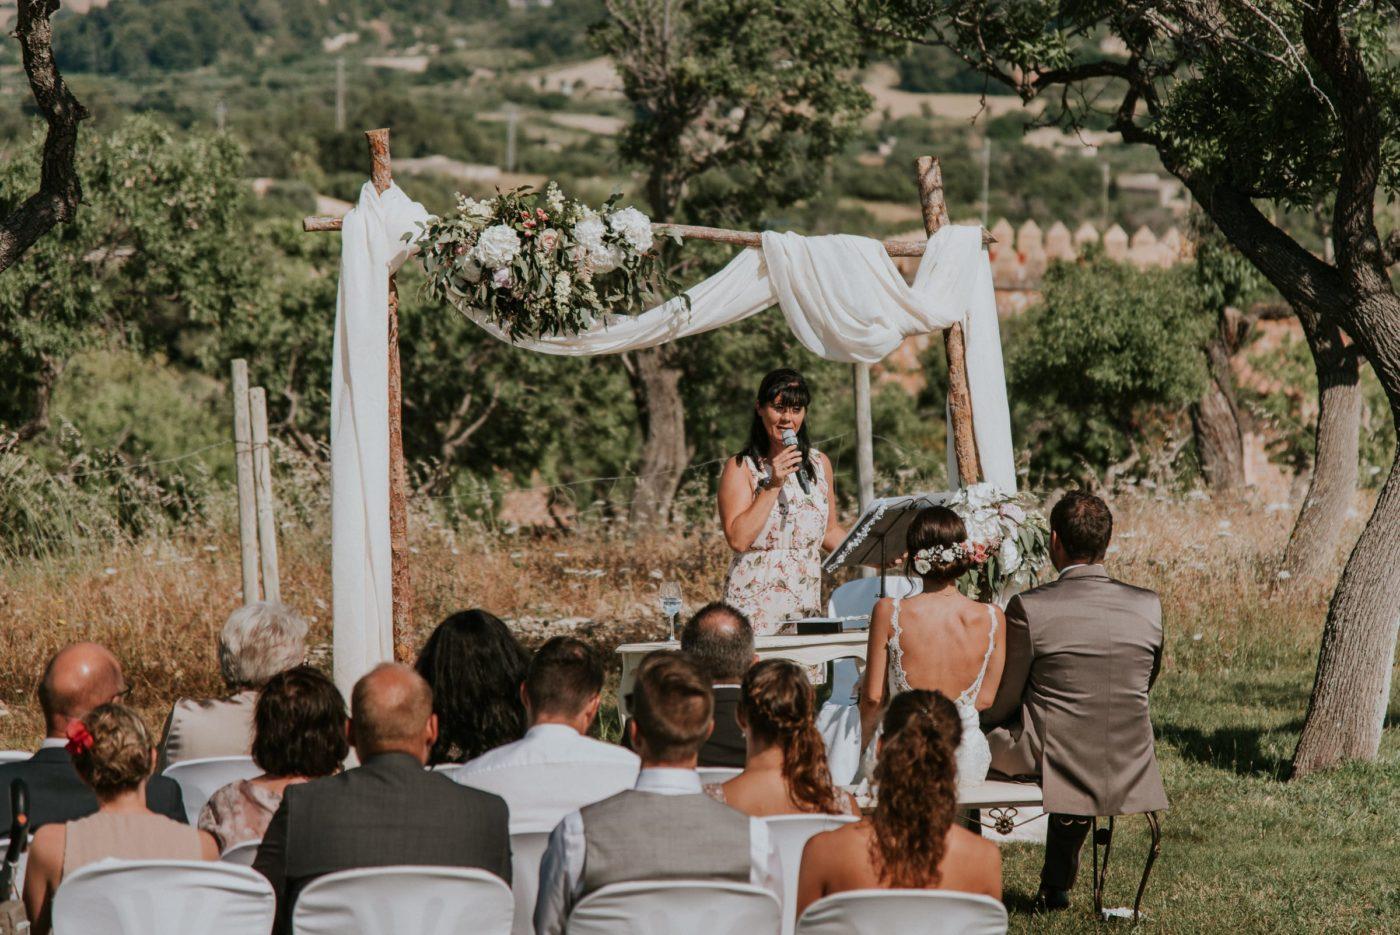 Die Hochzeitszeremonie von einem erhöhten Punkt fotografiert. Man sieht im Hintergrund das wunderschöne Grün der mallorquinischen Landschaft.